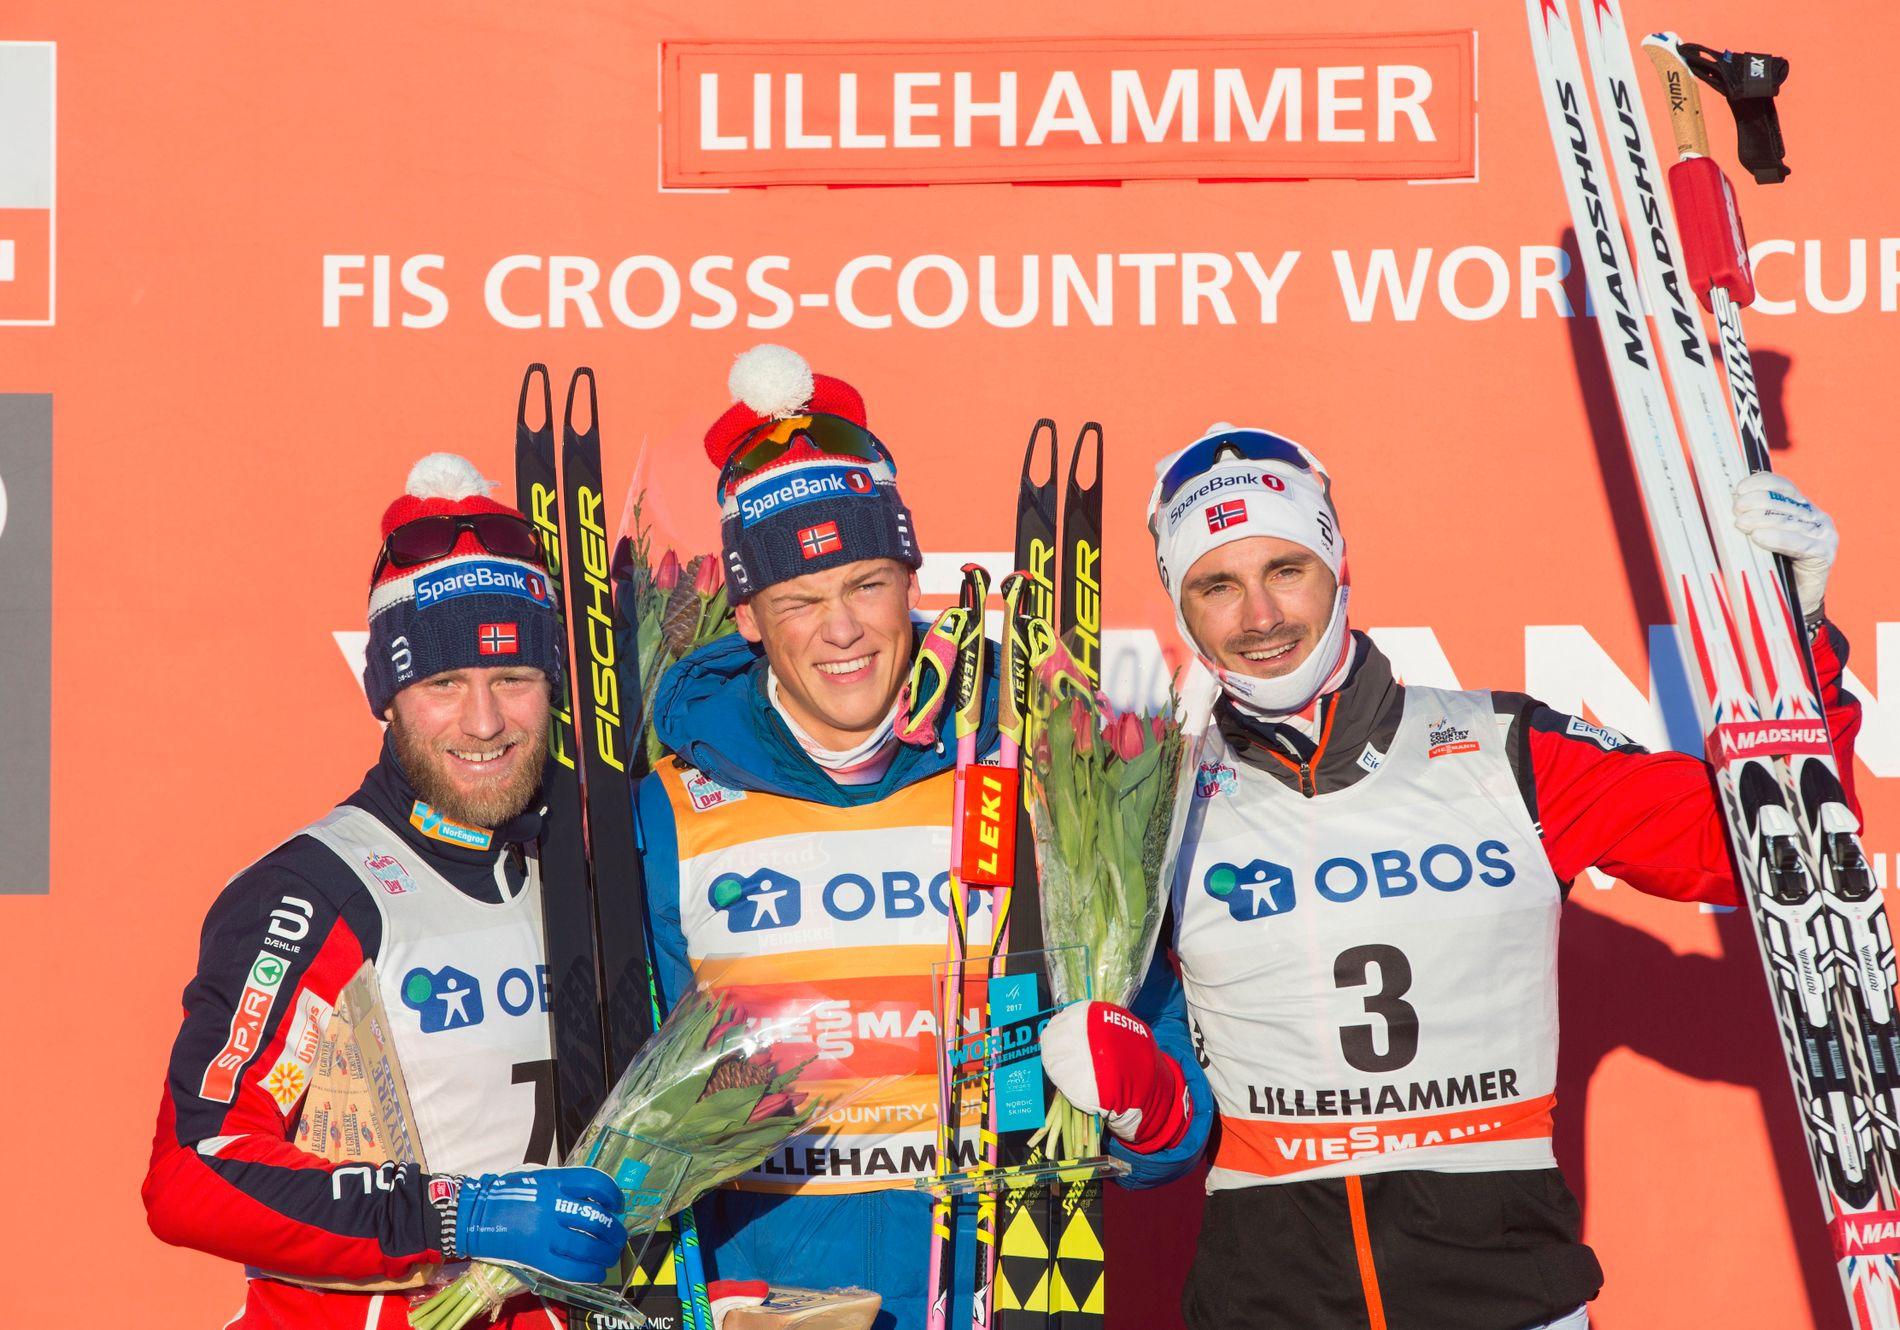 FIRE NORSKE PÅ TOPP: Johannes Høsflot Klæbo (midten) vant tremila på Lillehammer i desember foran Martin Johnsrud Sundby (t.v.) og Hans Christer Holund (t.h.). Simen Hegstad Krüger ble nummer fire.